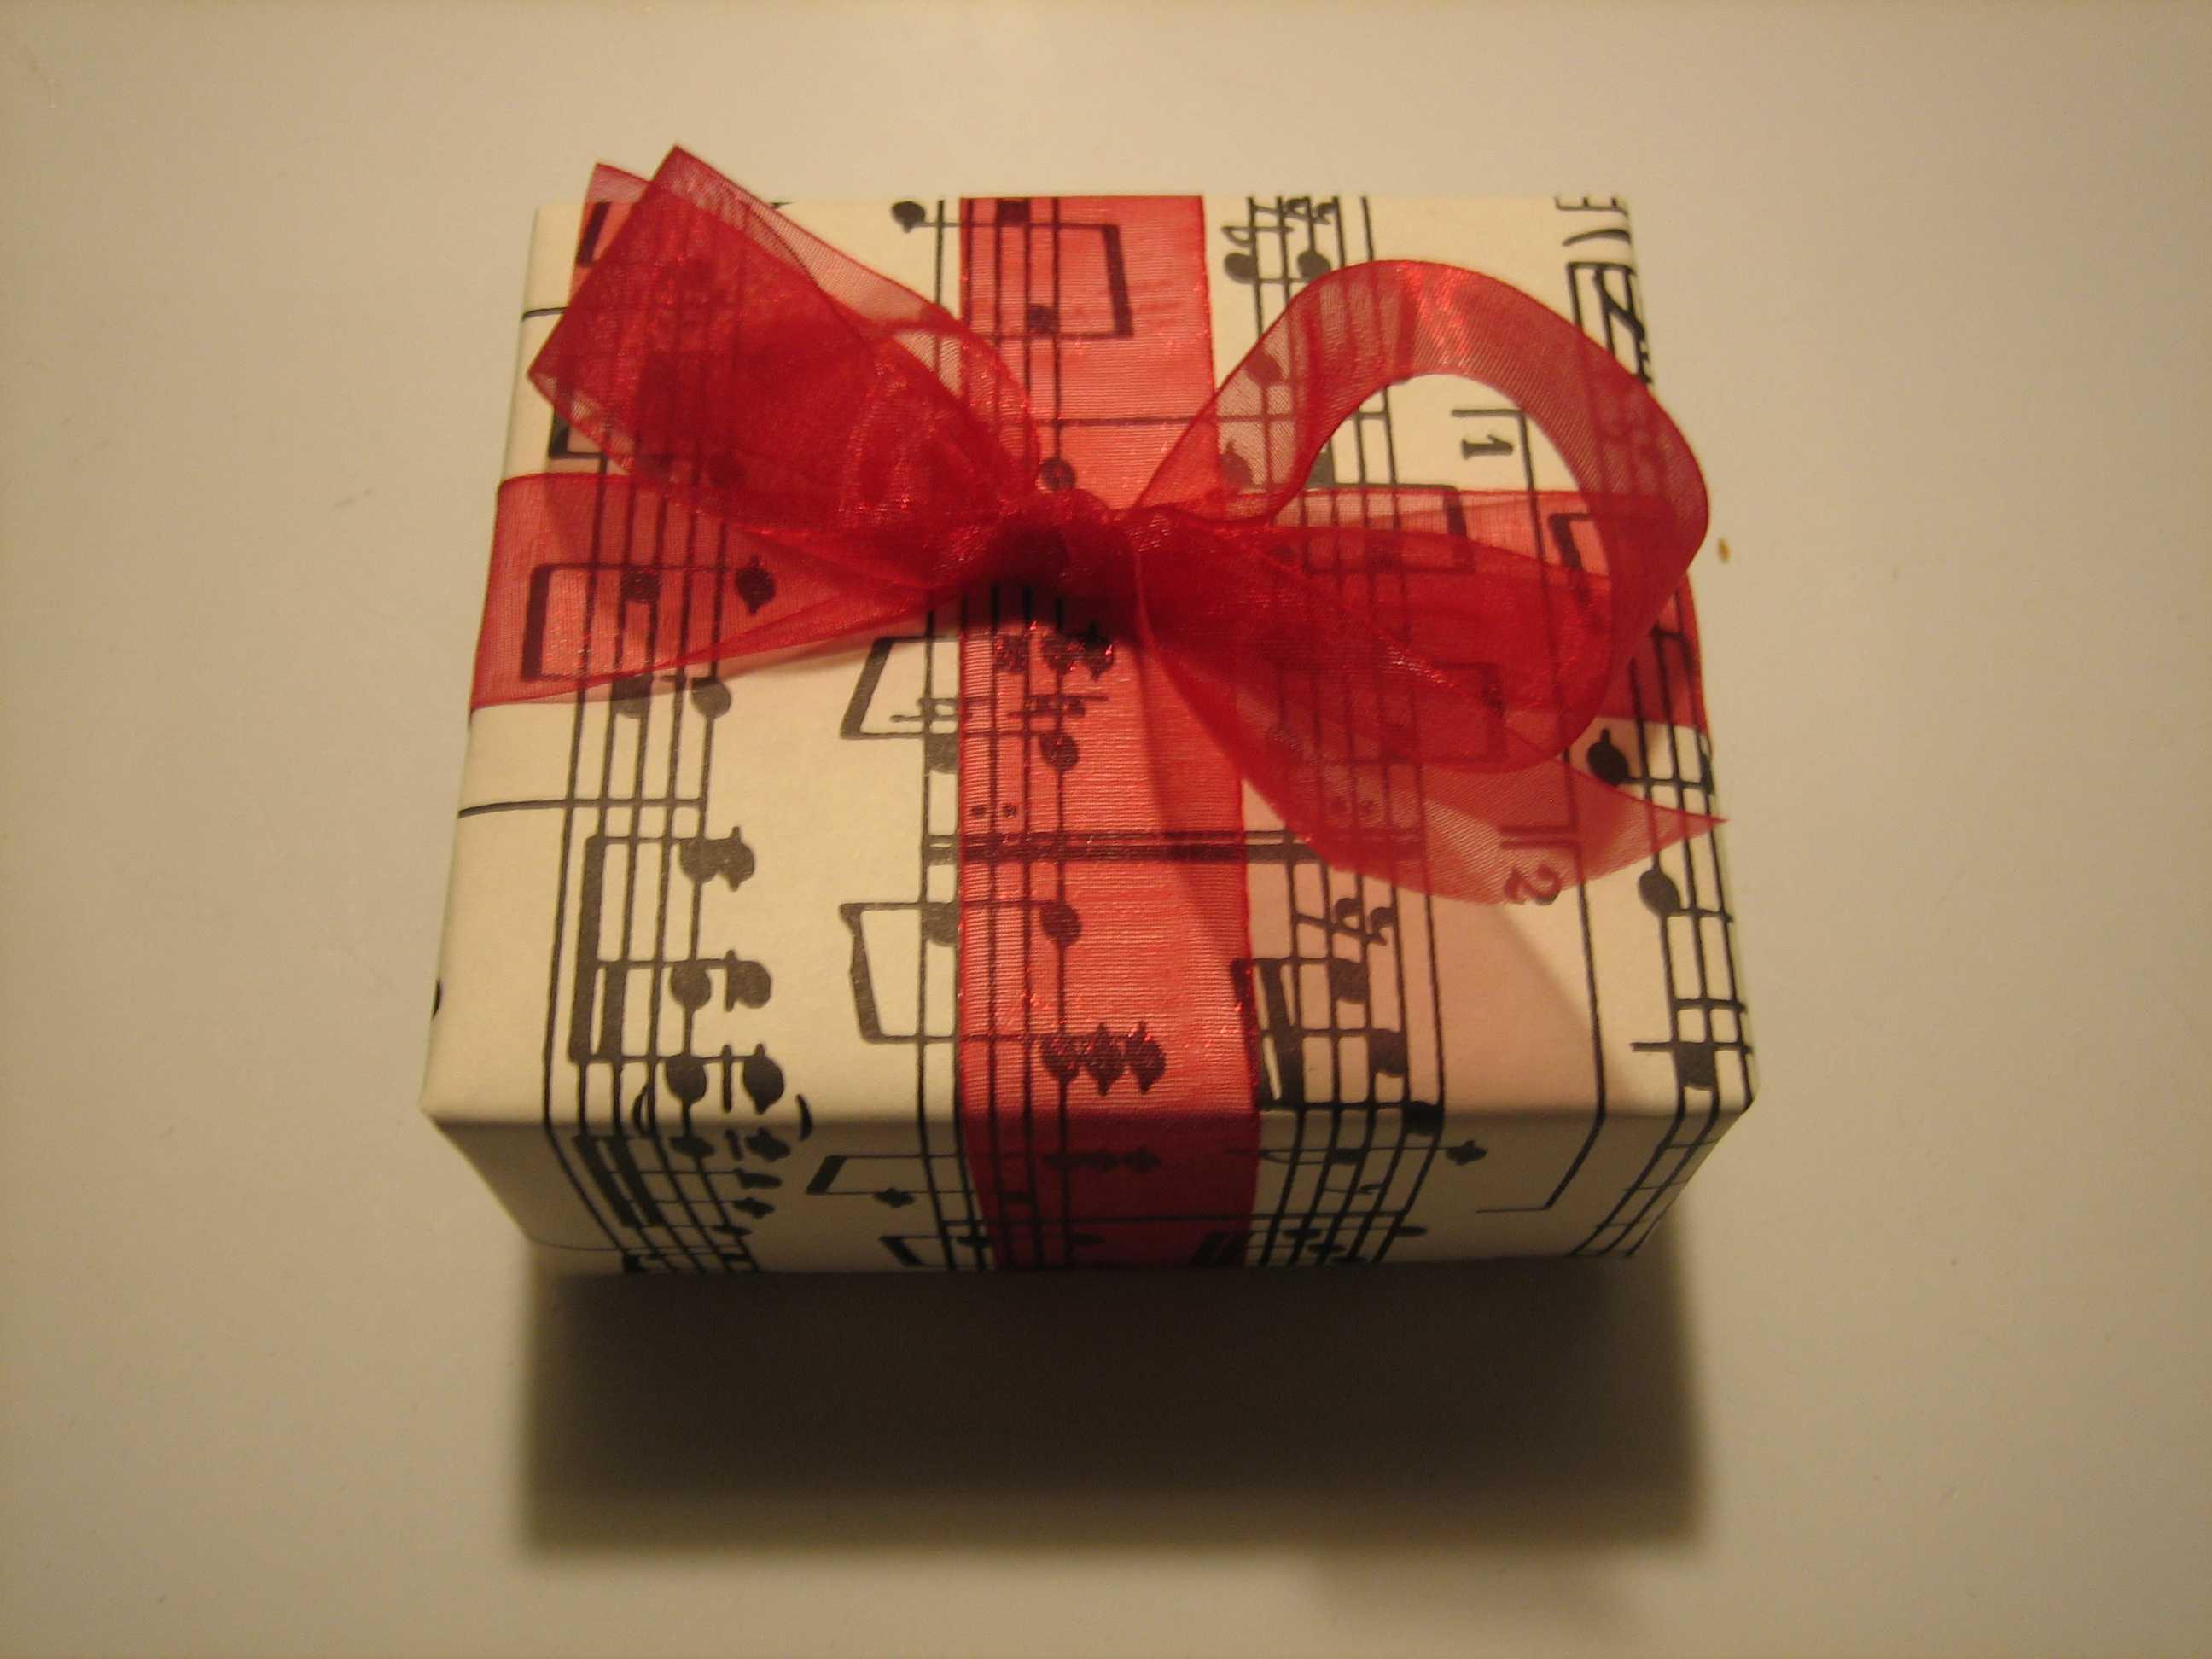 Оригинальный музыкальный подарок на день рождения